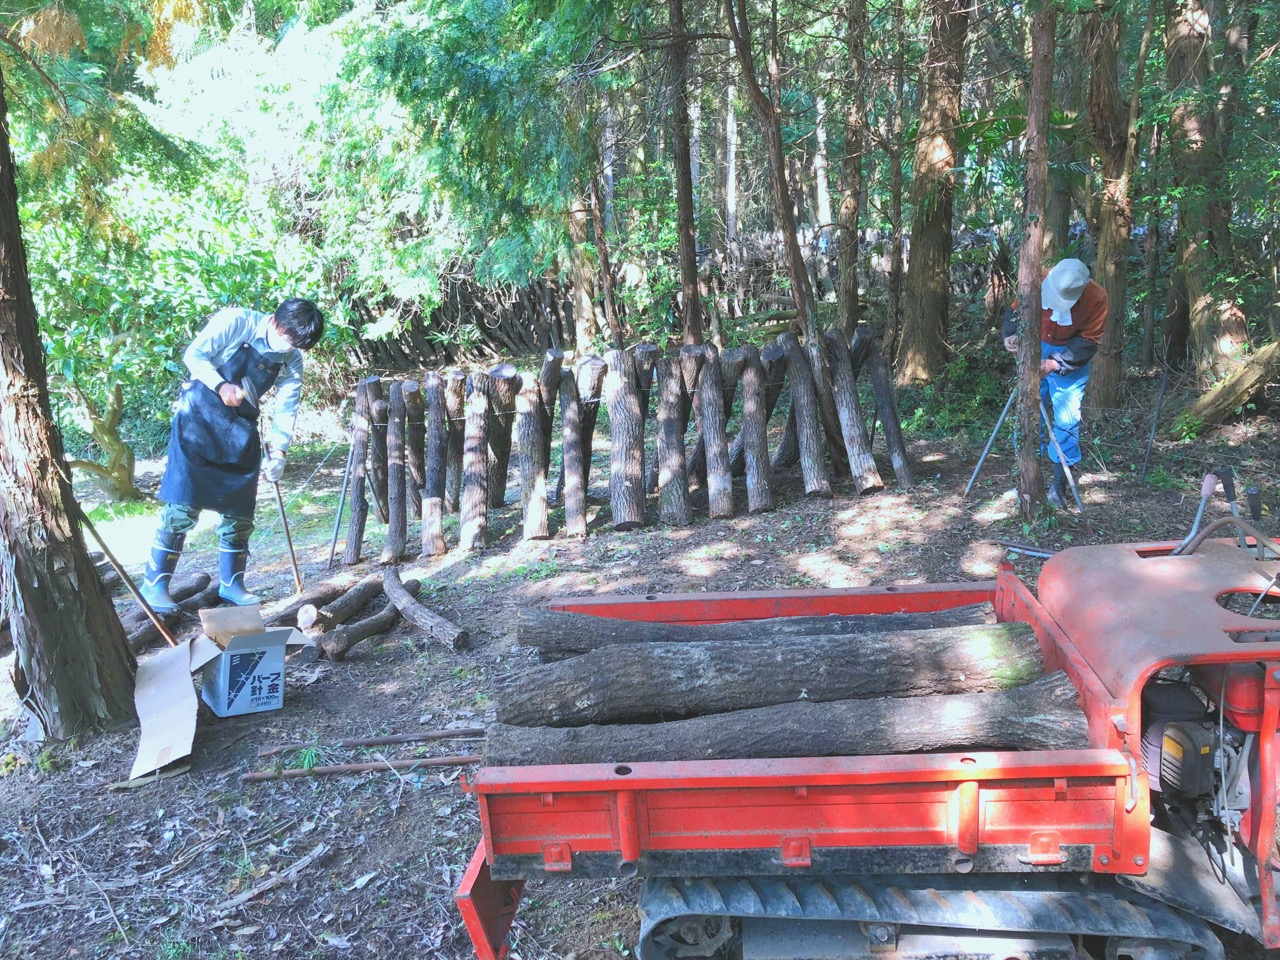 椎茸の原木栽培を始めたが、想像を超える重労働だった話。